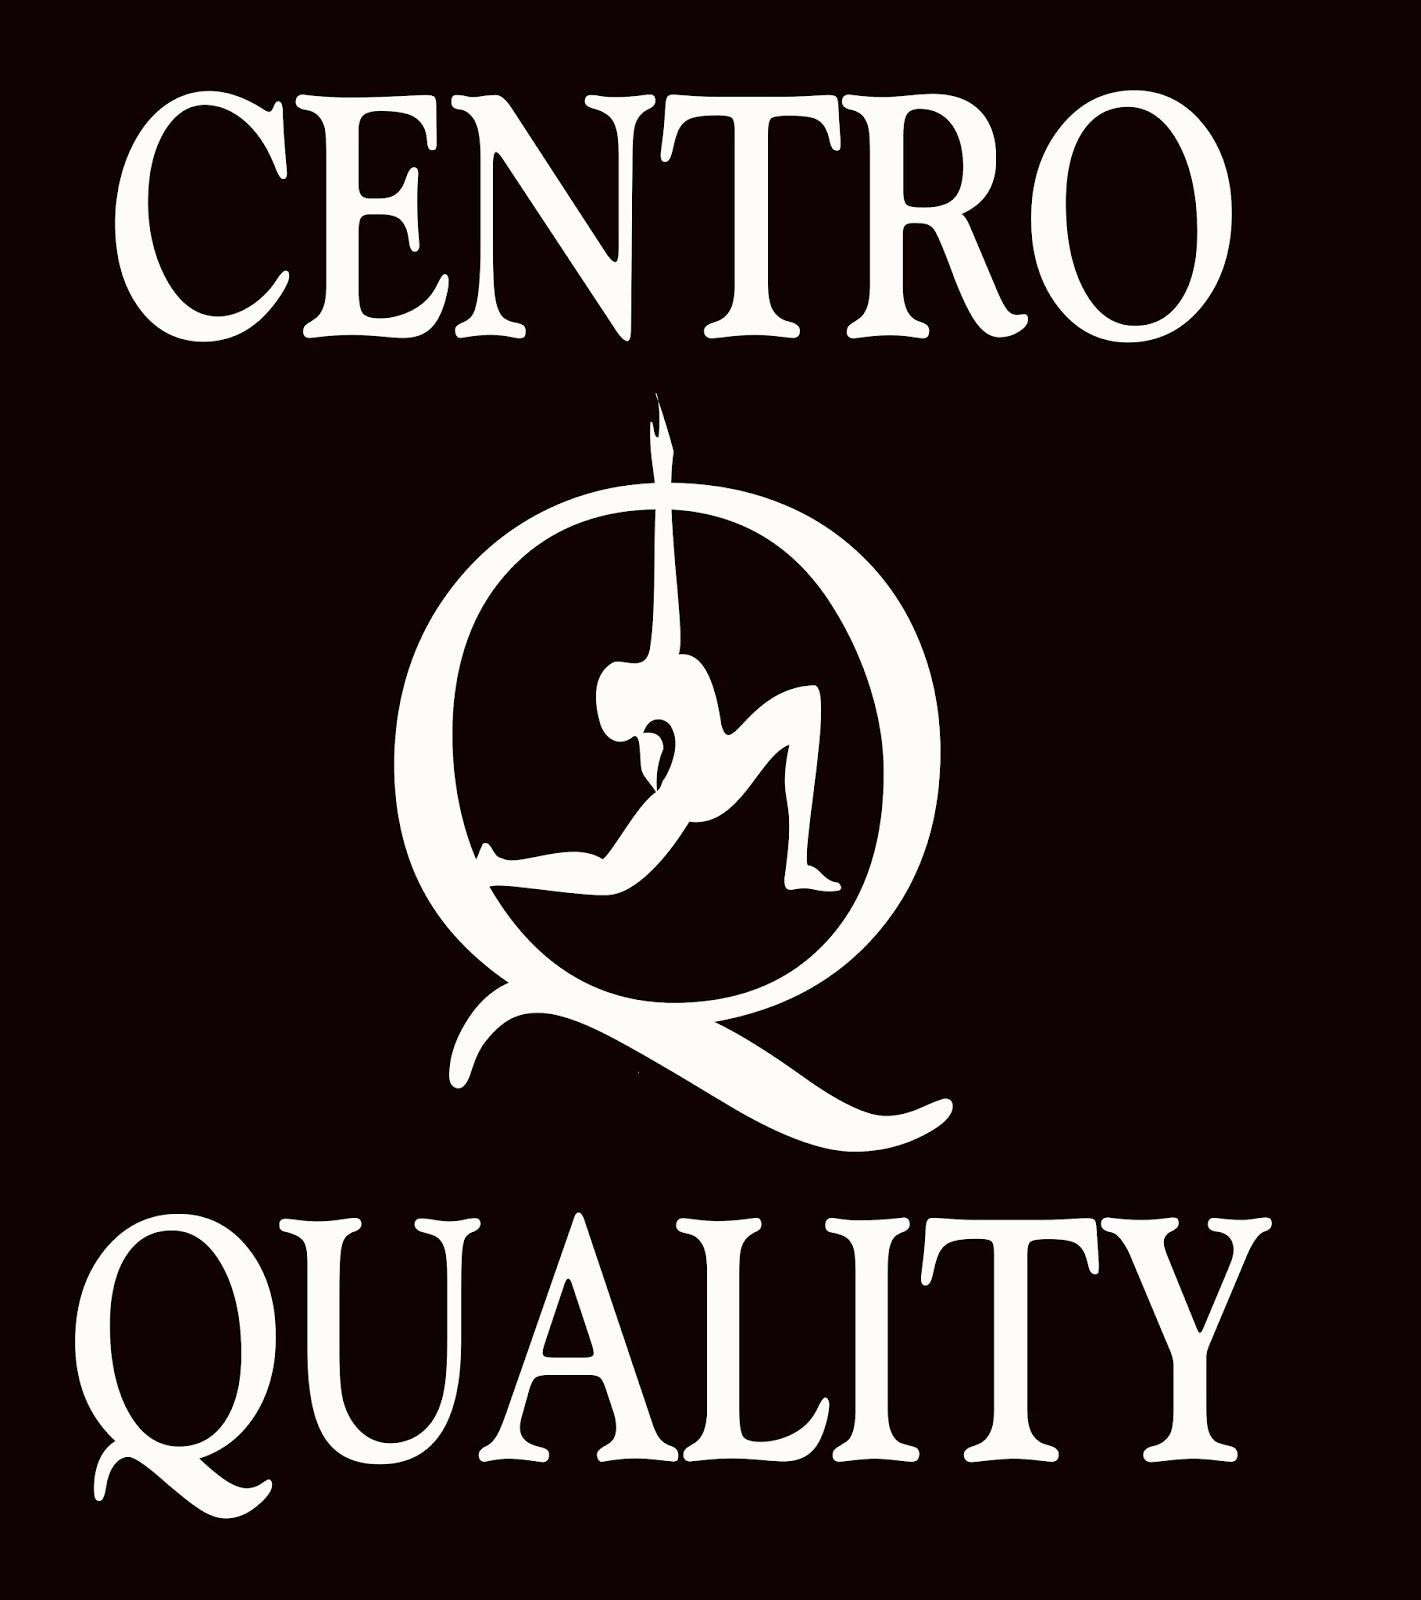 Centro Quality